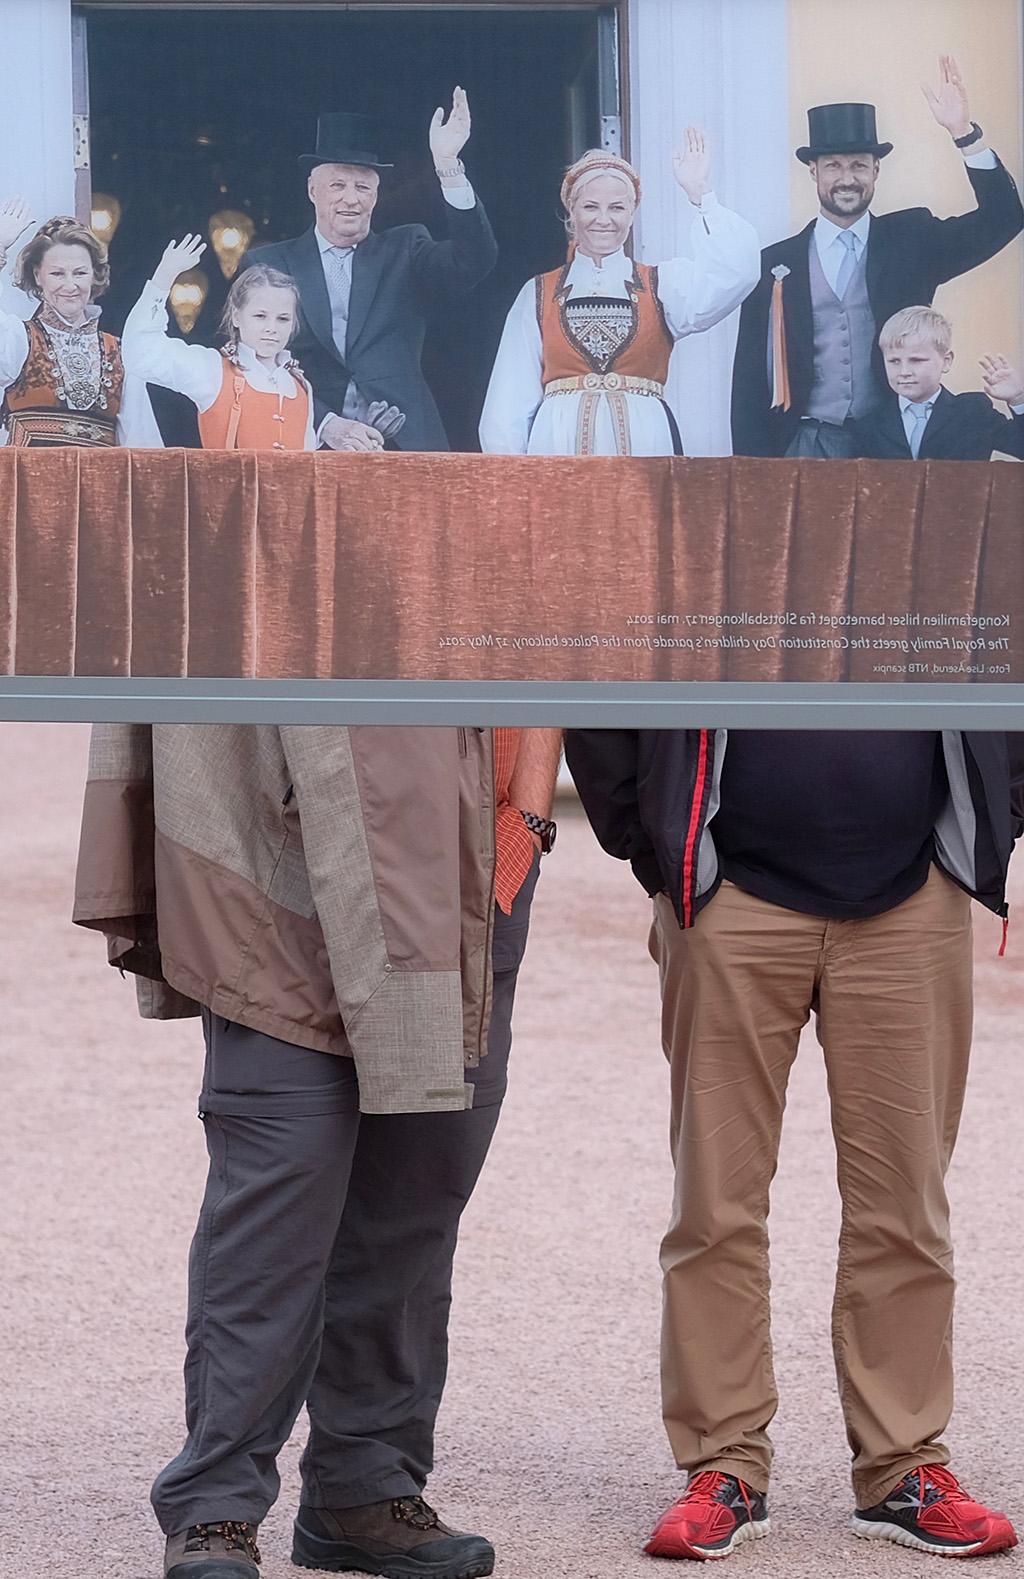 Panneau avec photo de la familleRoyale près du Palais (Commentaires sur la photo au verso)...